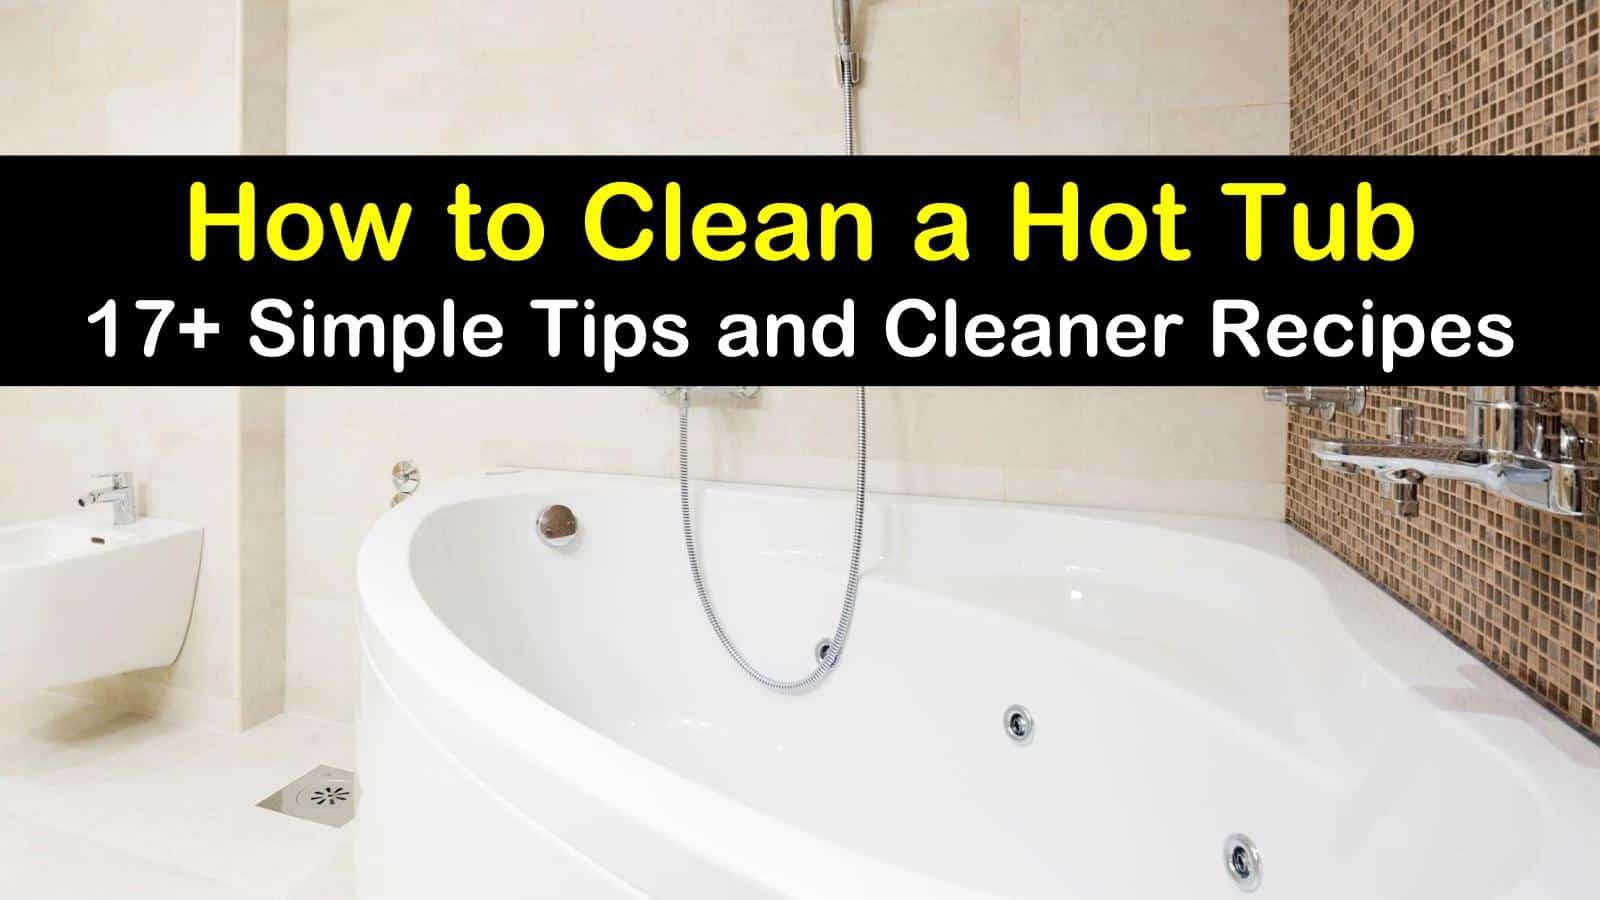 how to clean a hot tub titleimg1